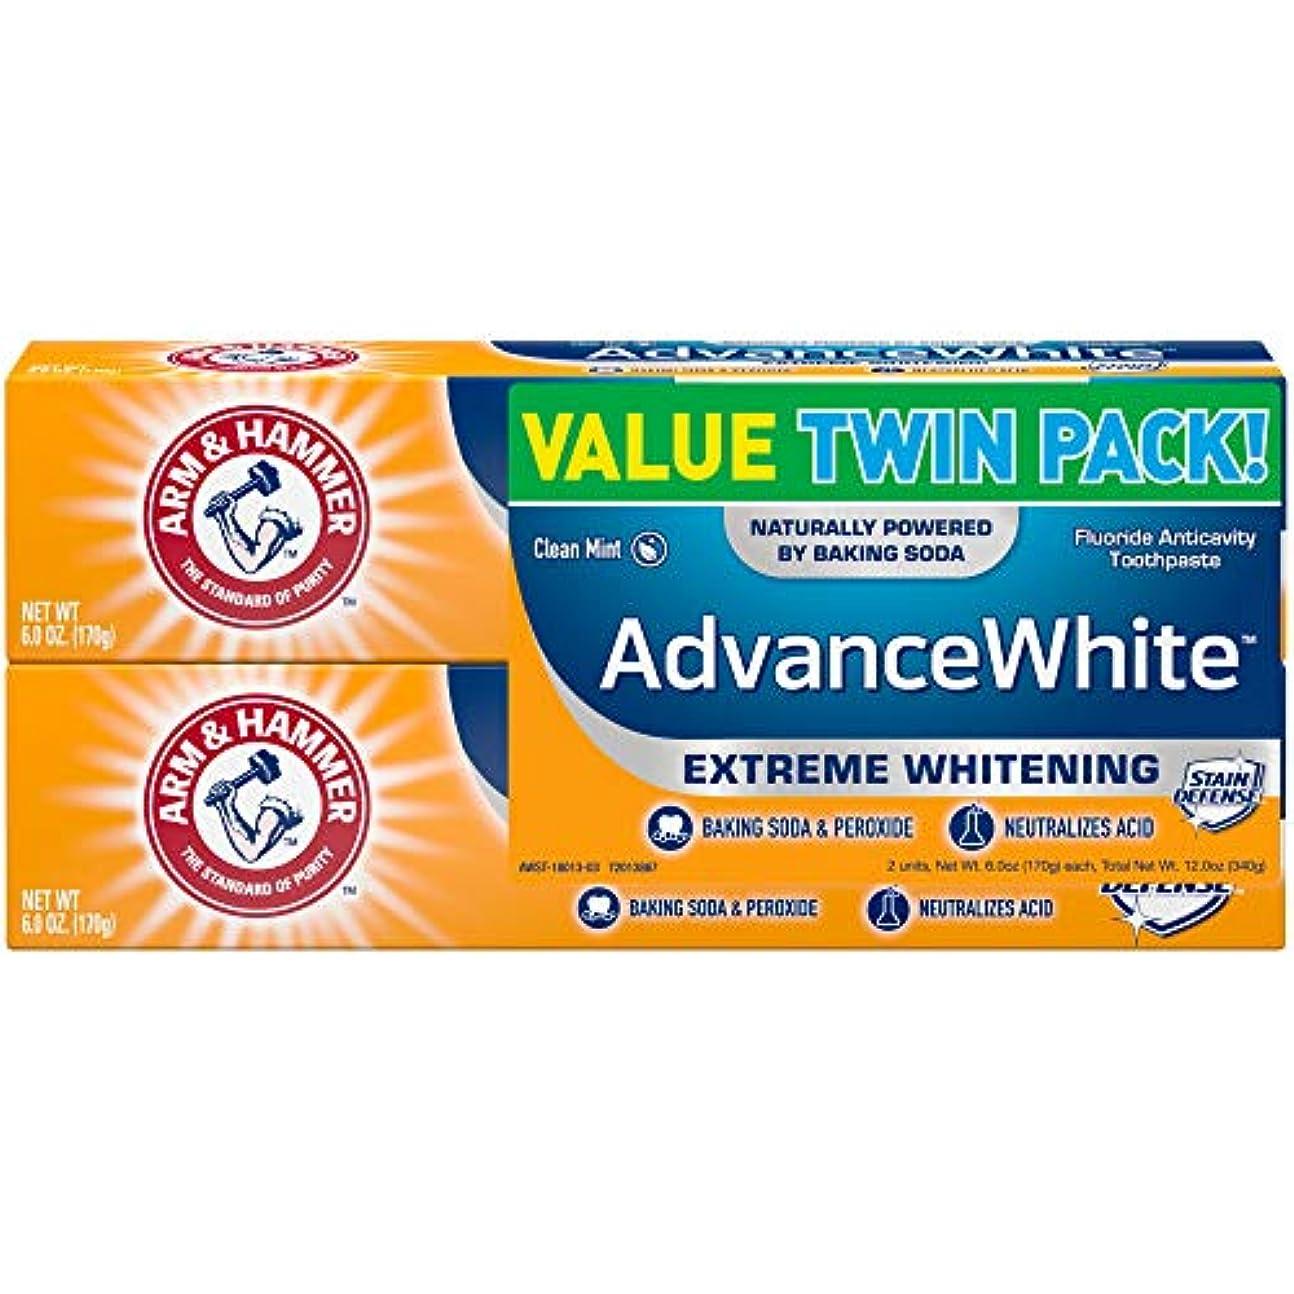 摂動慣習散歩Arm & Hammer アーム&ハマー アドバンス ホワイト 歯磨き粉 2個パック Toothpaste with Baking Soda & Peroxide